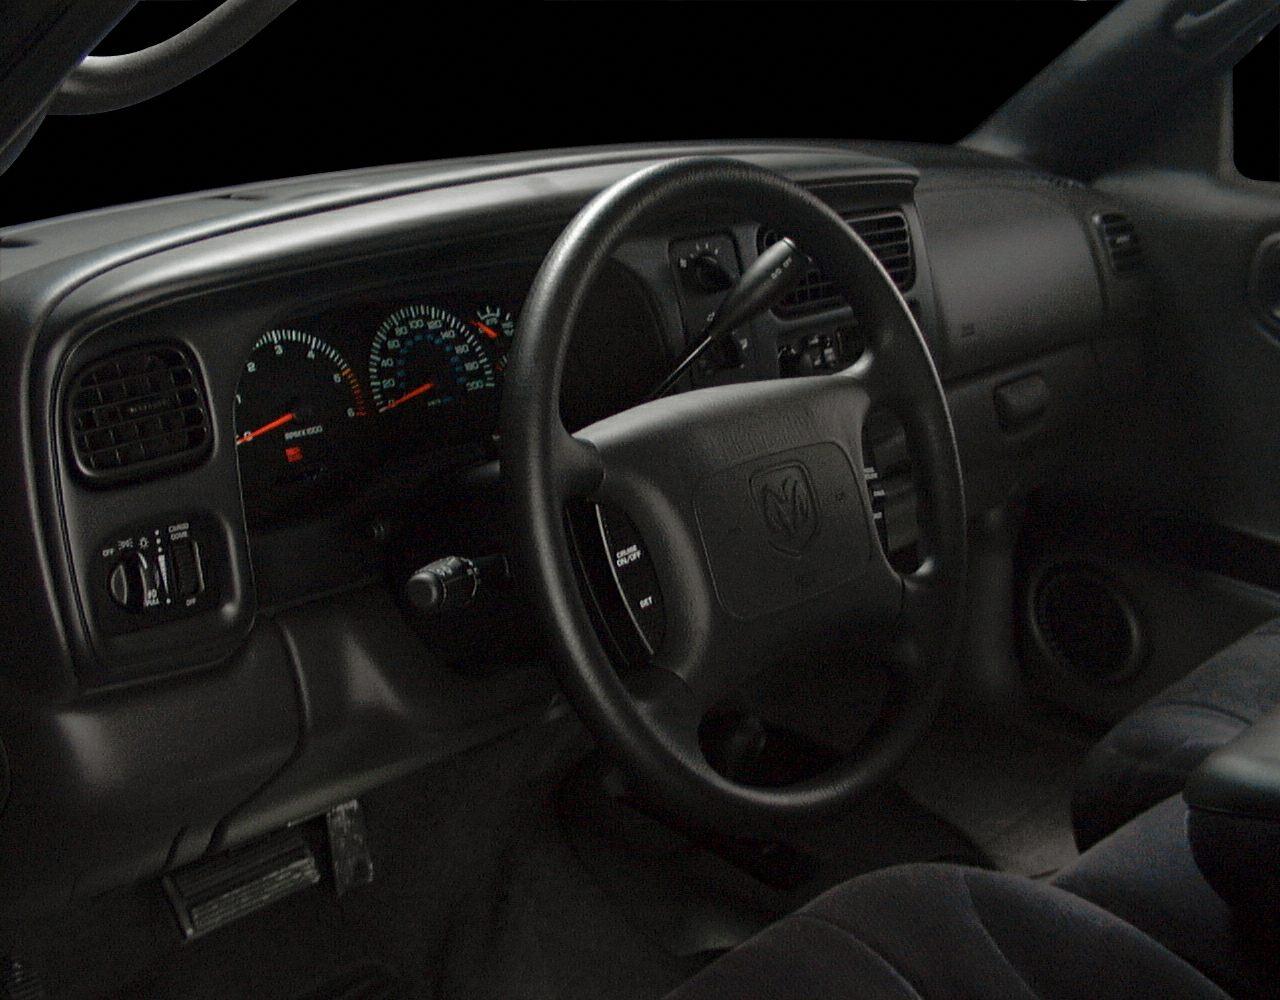 Cab Ddt A on 1999 Dodge Dakota Club Cab